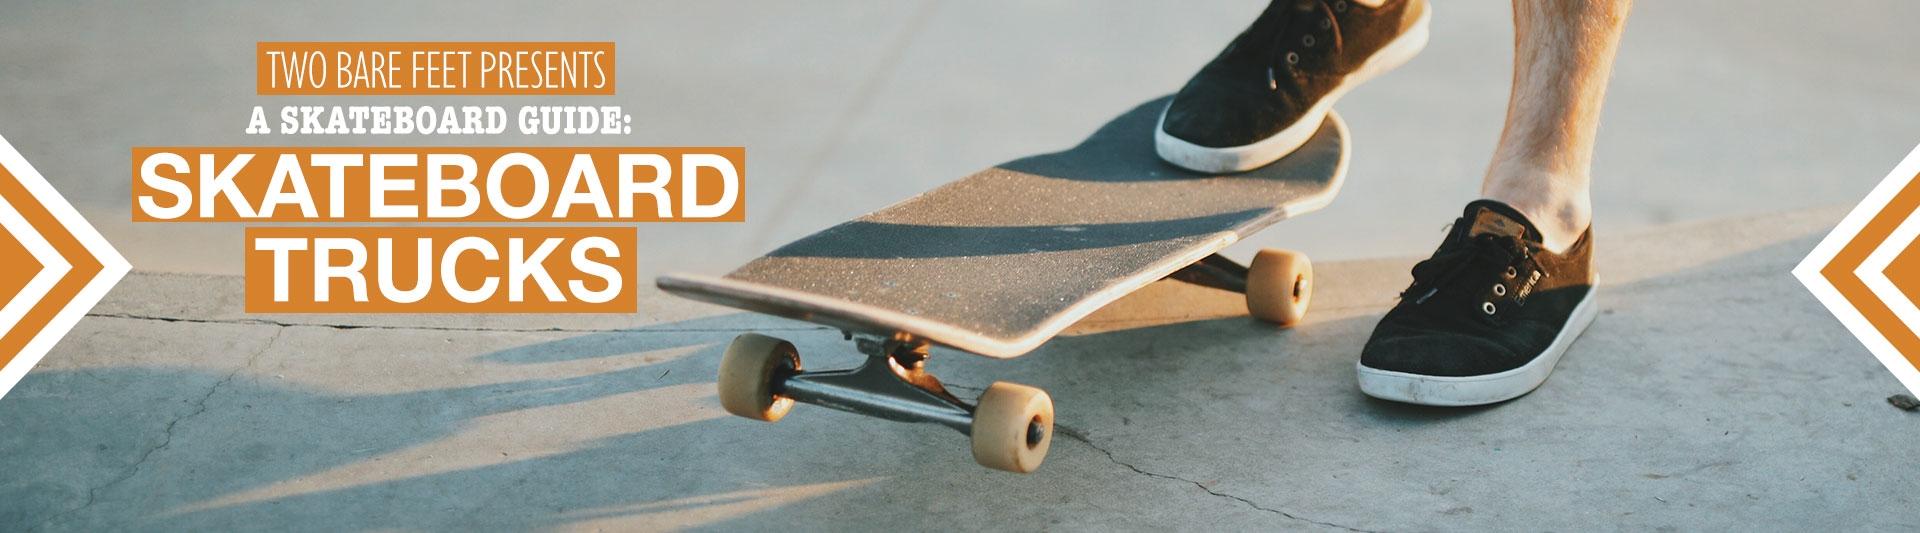 Skateboard trucks banner